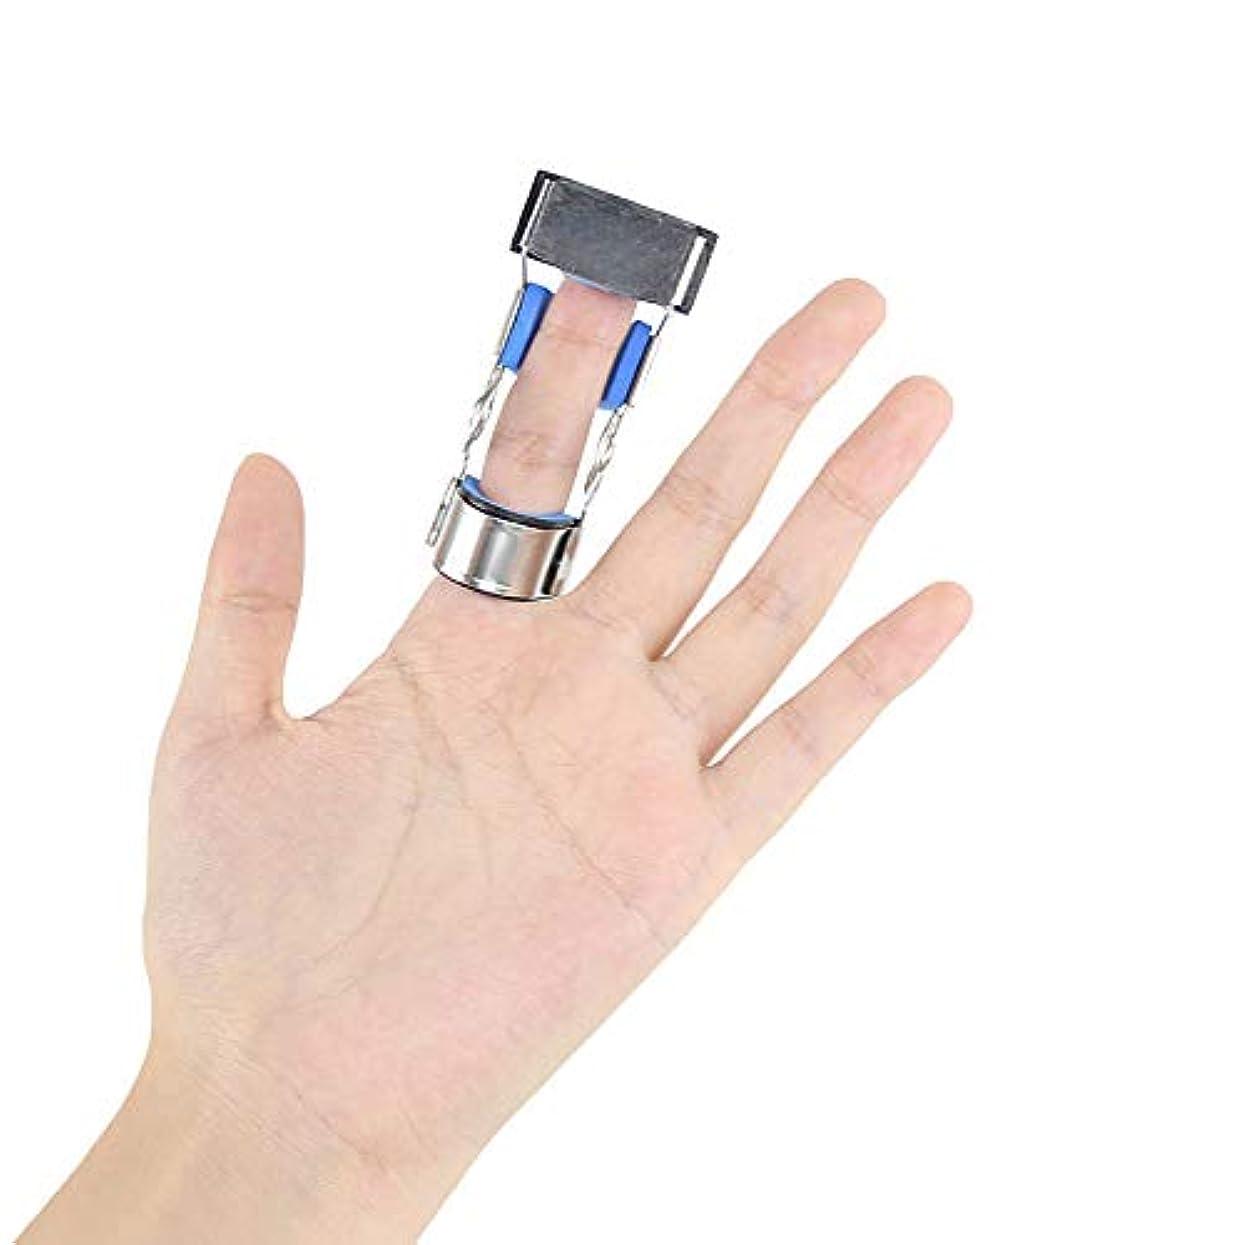 完了検査官極めて指関節装具けいれん装具骨折固定スプリント痛風関節矯正運動指ラップ矯正湾曲,L